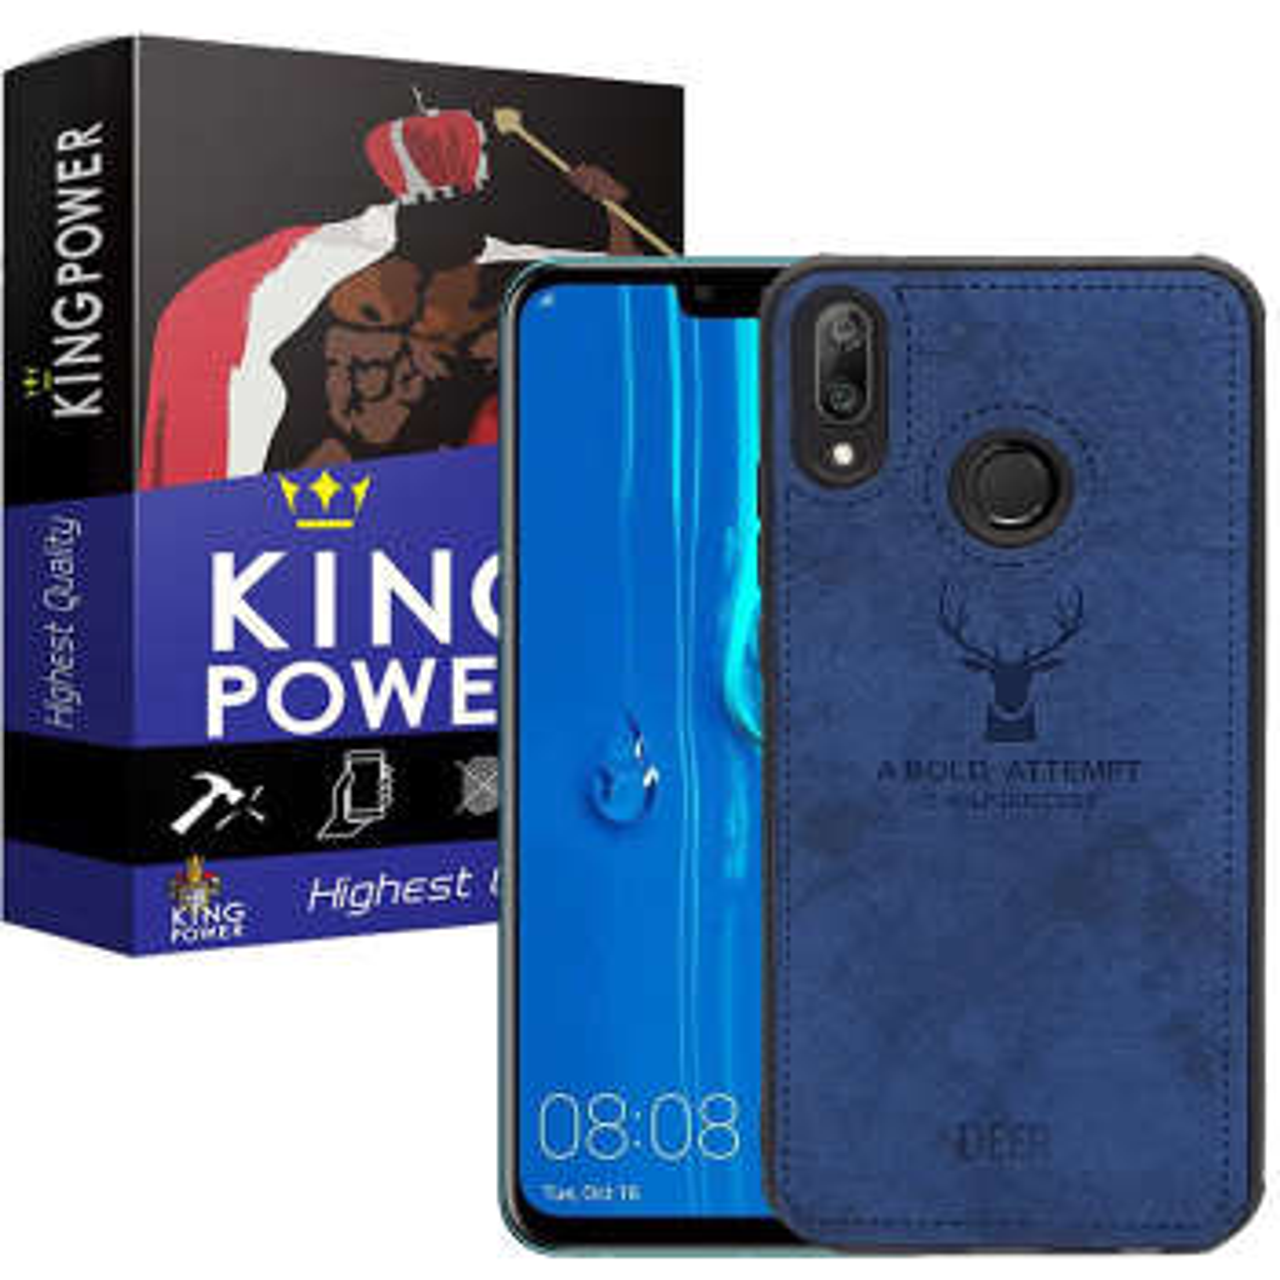 کاور کینگ پاور مدل D121 مناسب برای گوشی موبایل هوآوی Y9 2019